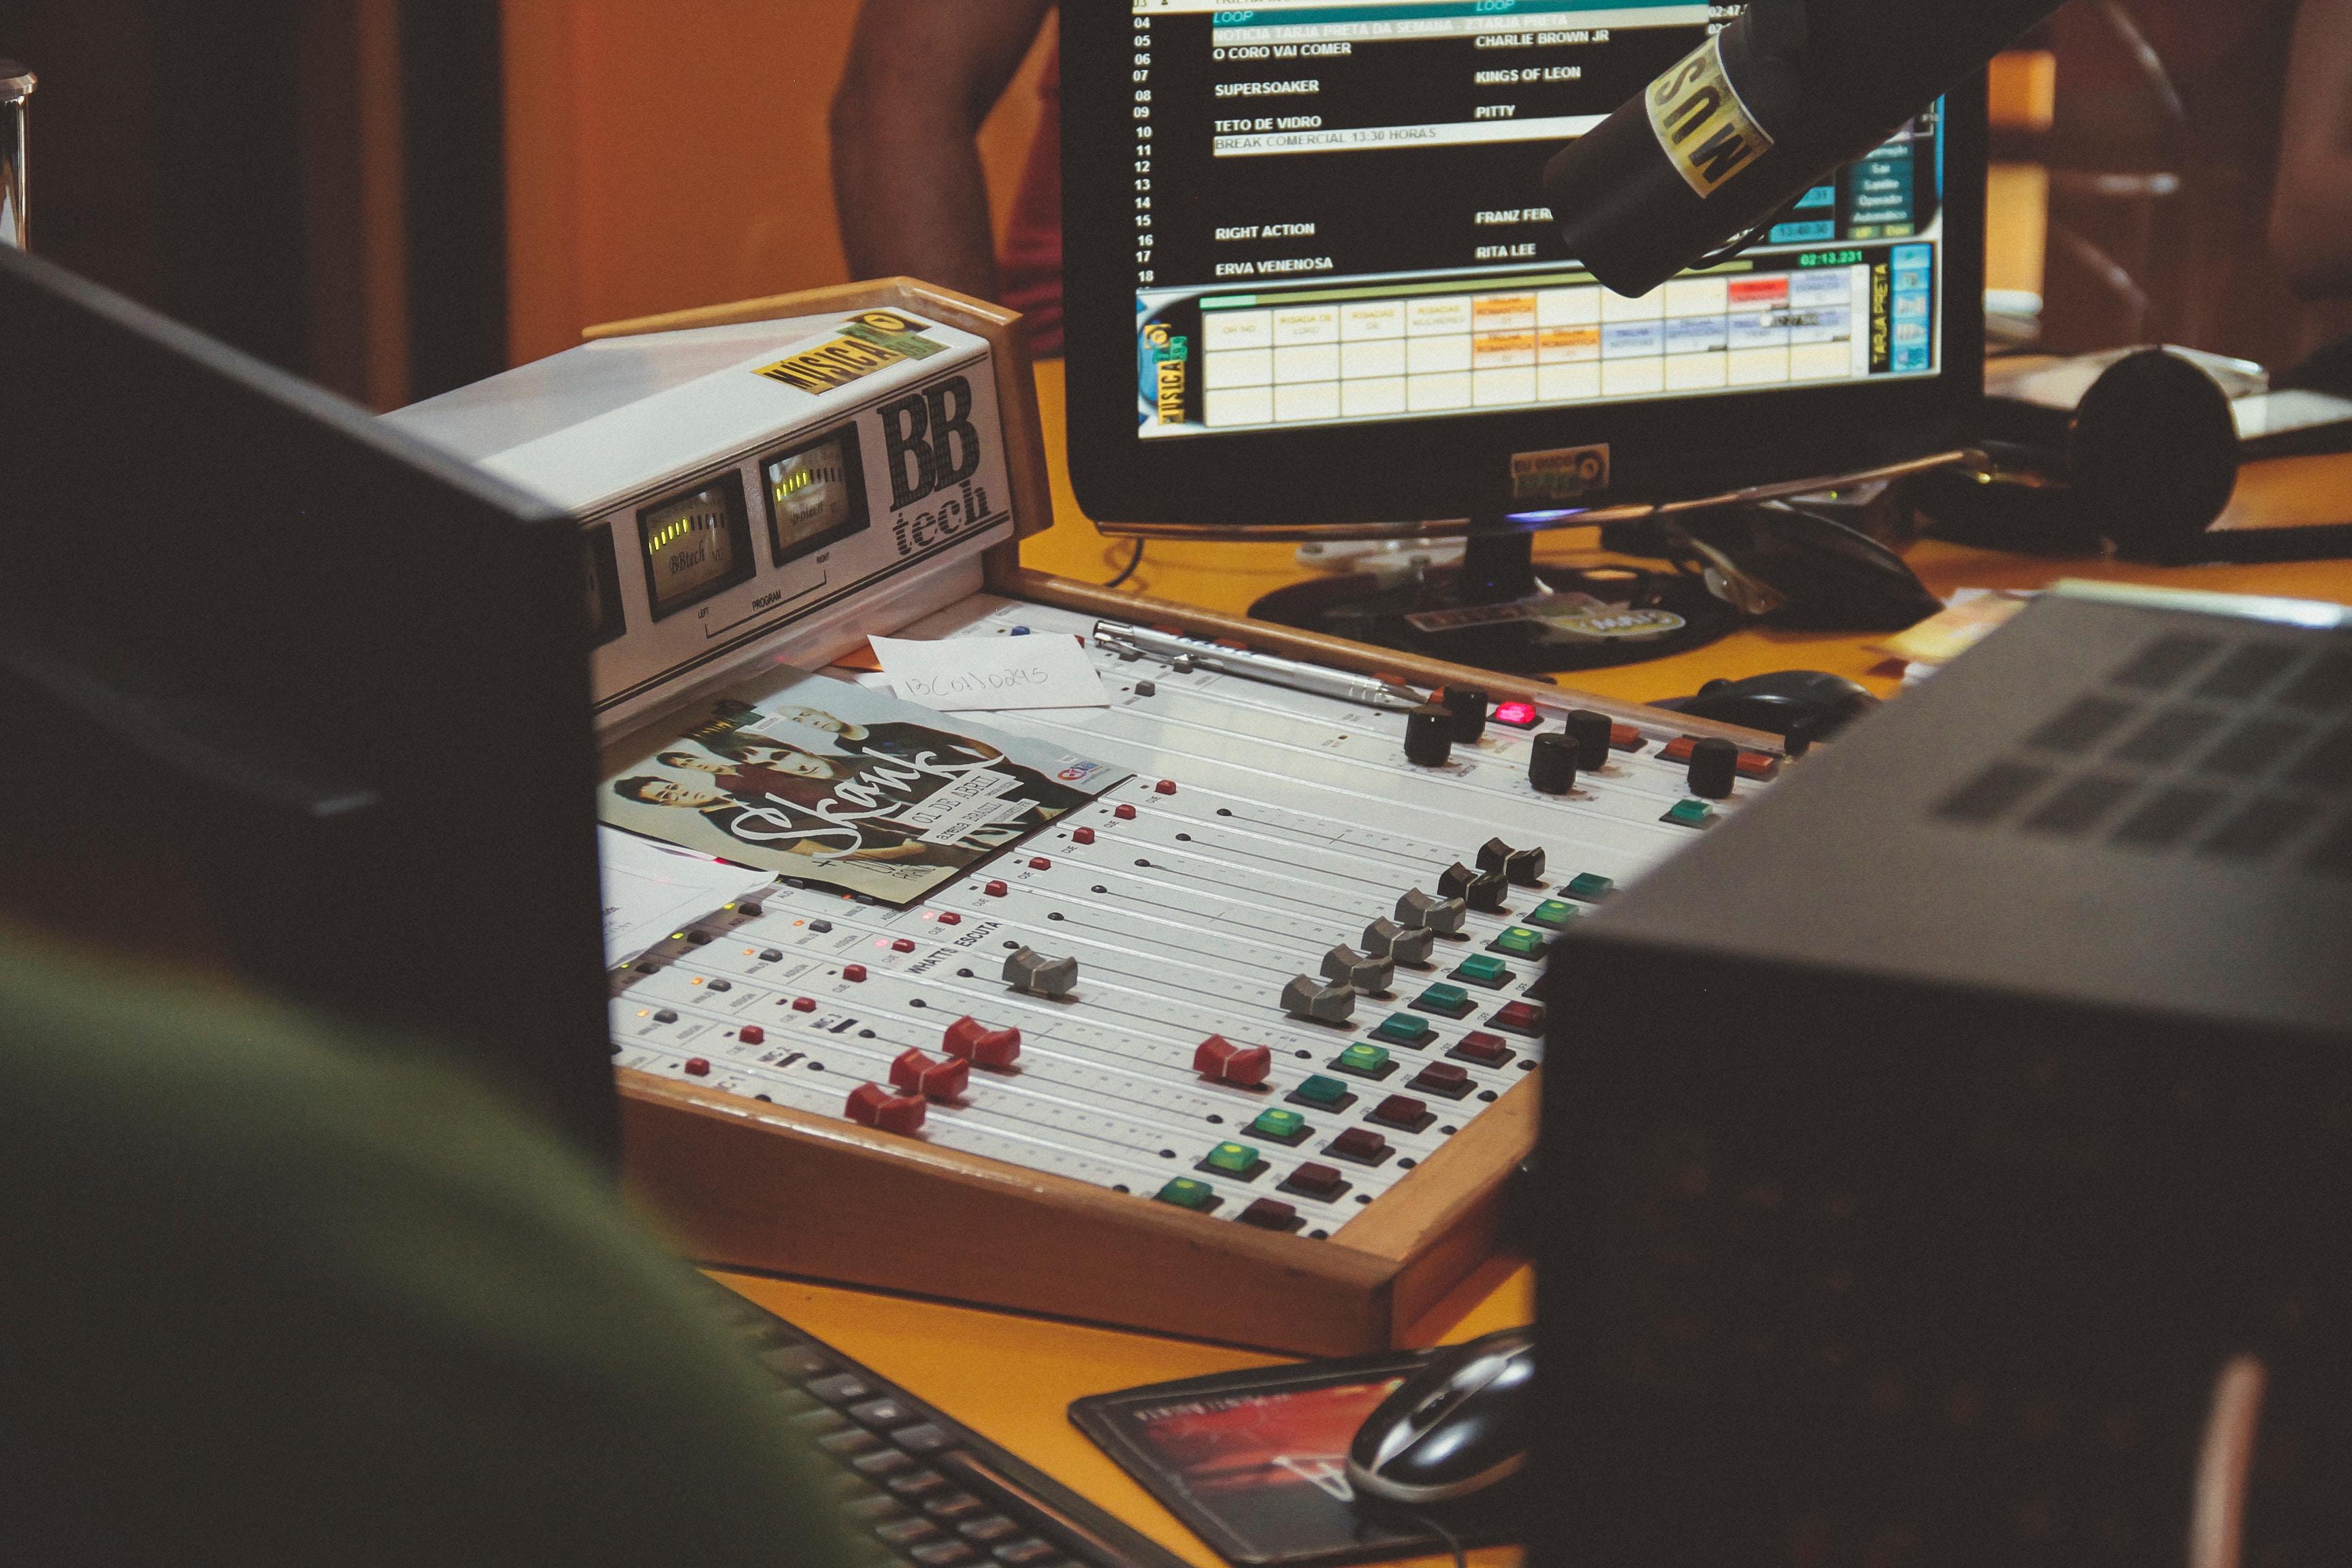 """""""Régen mennyivel jobb volt rádiózni!"""" - 7 ok amiért a rádió még jobb a műsorvezetőknek, mint az előző évszázadban"""